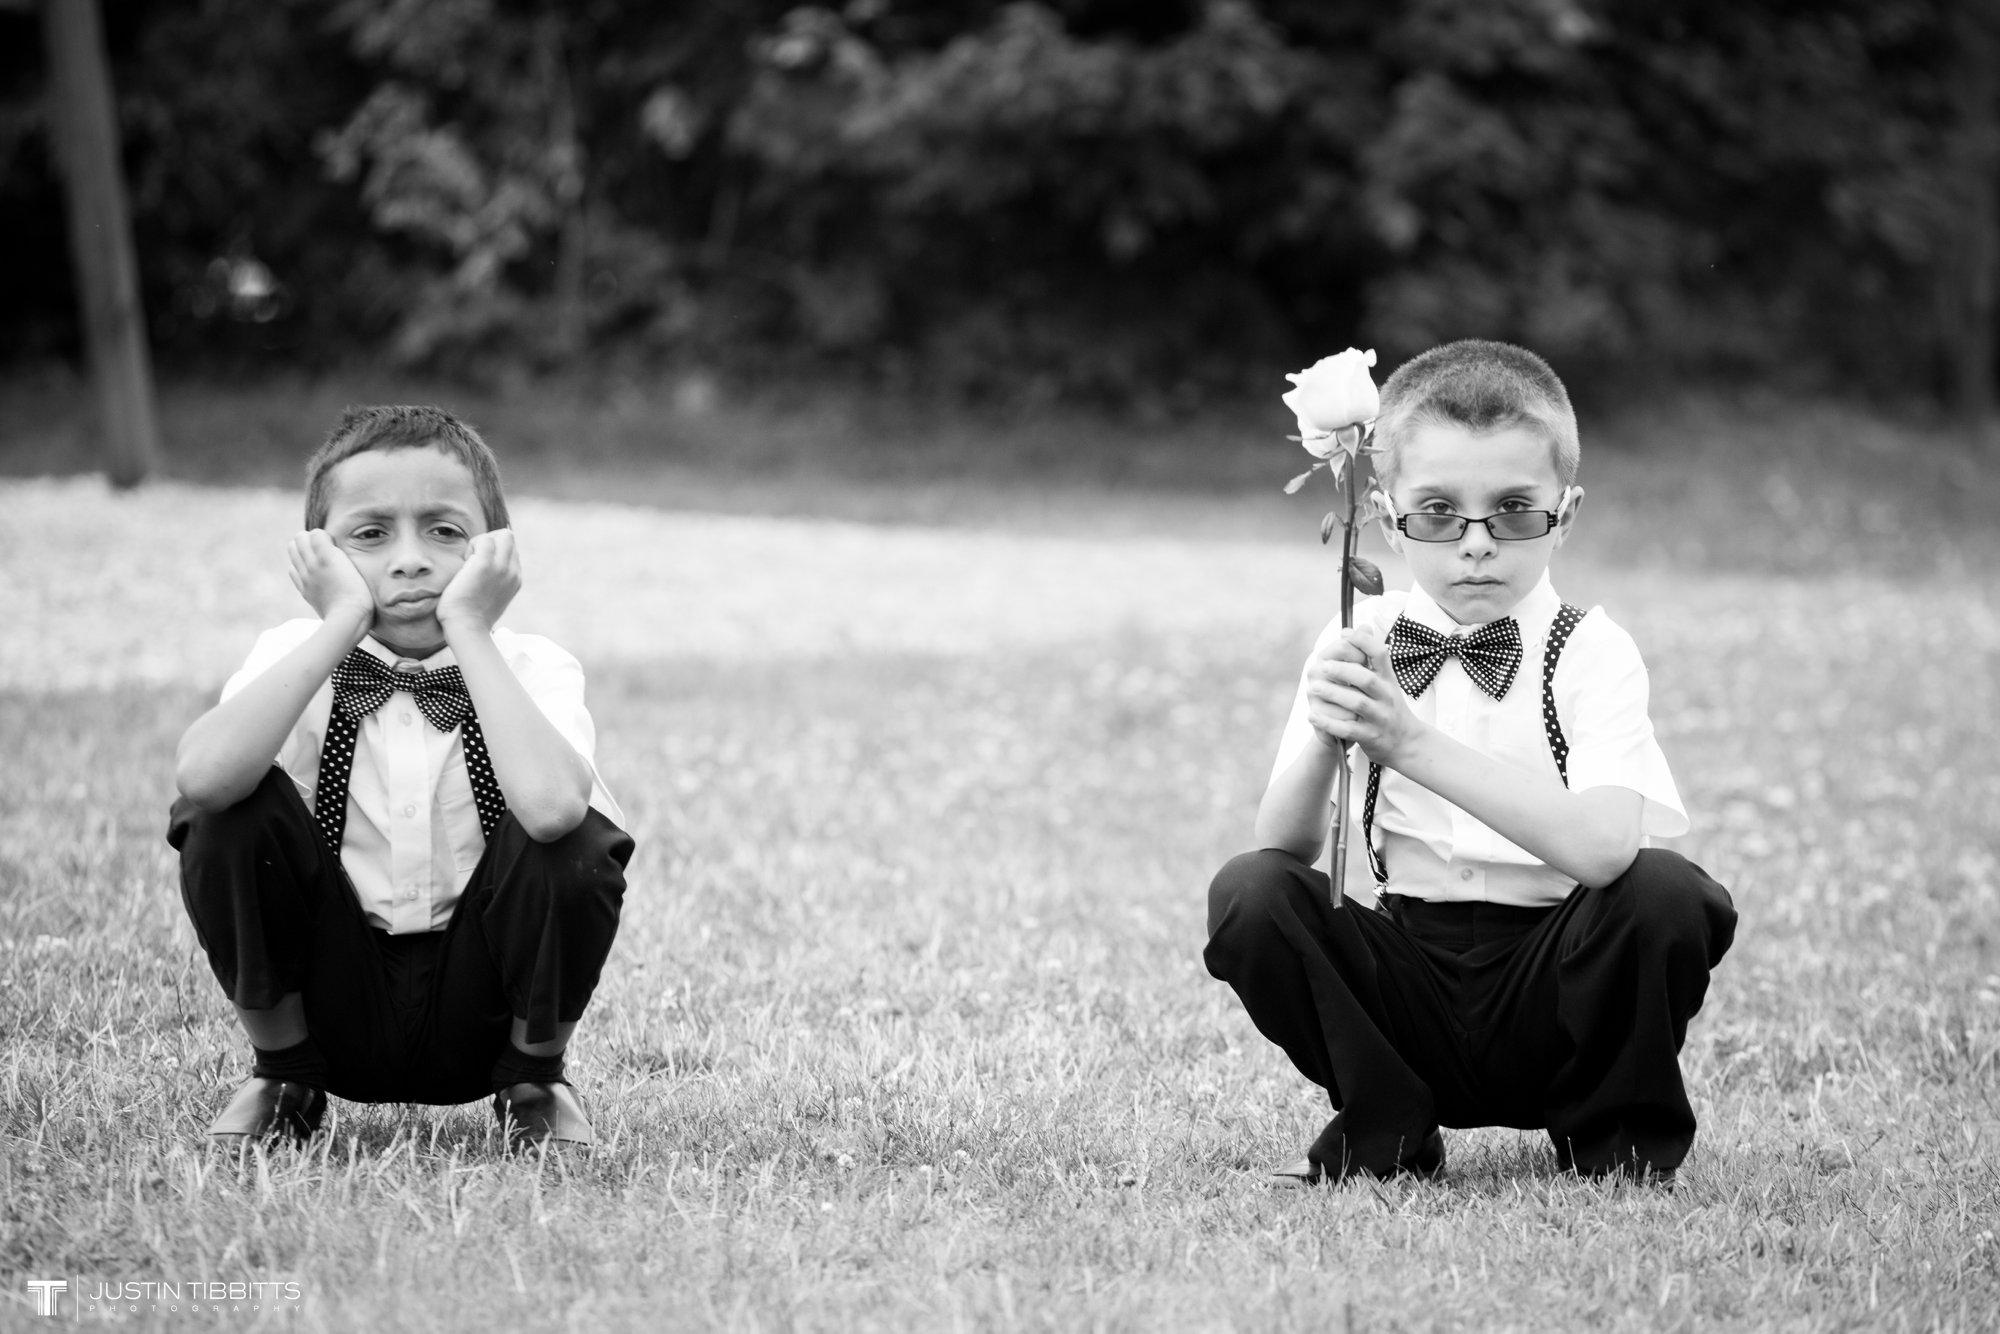 Albany NY Wedding Photographer Justin Tibbitts Photography 2014 Best of Albany NY Weddings-4194113144